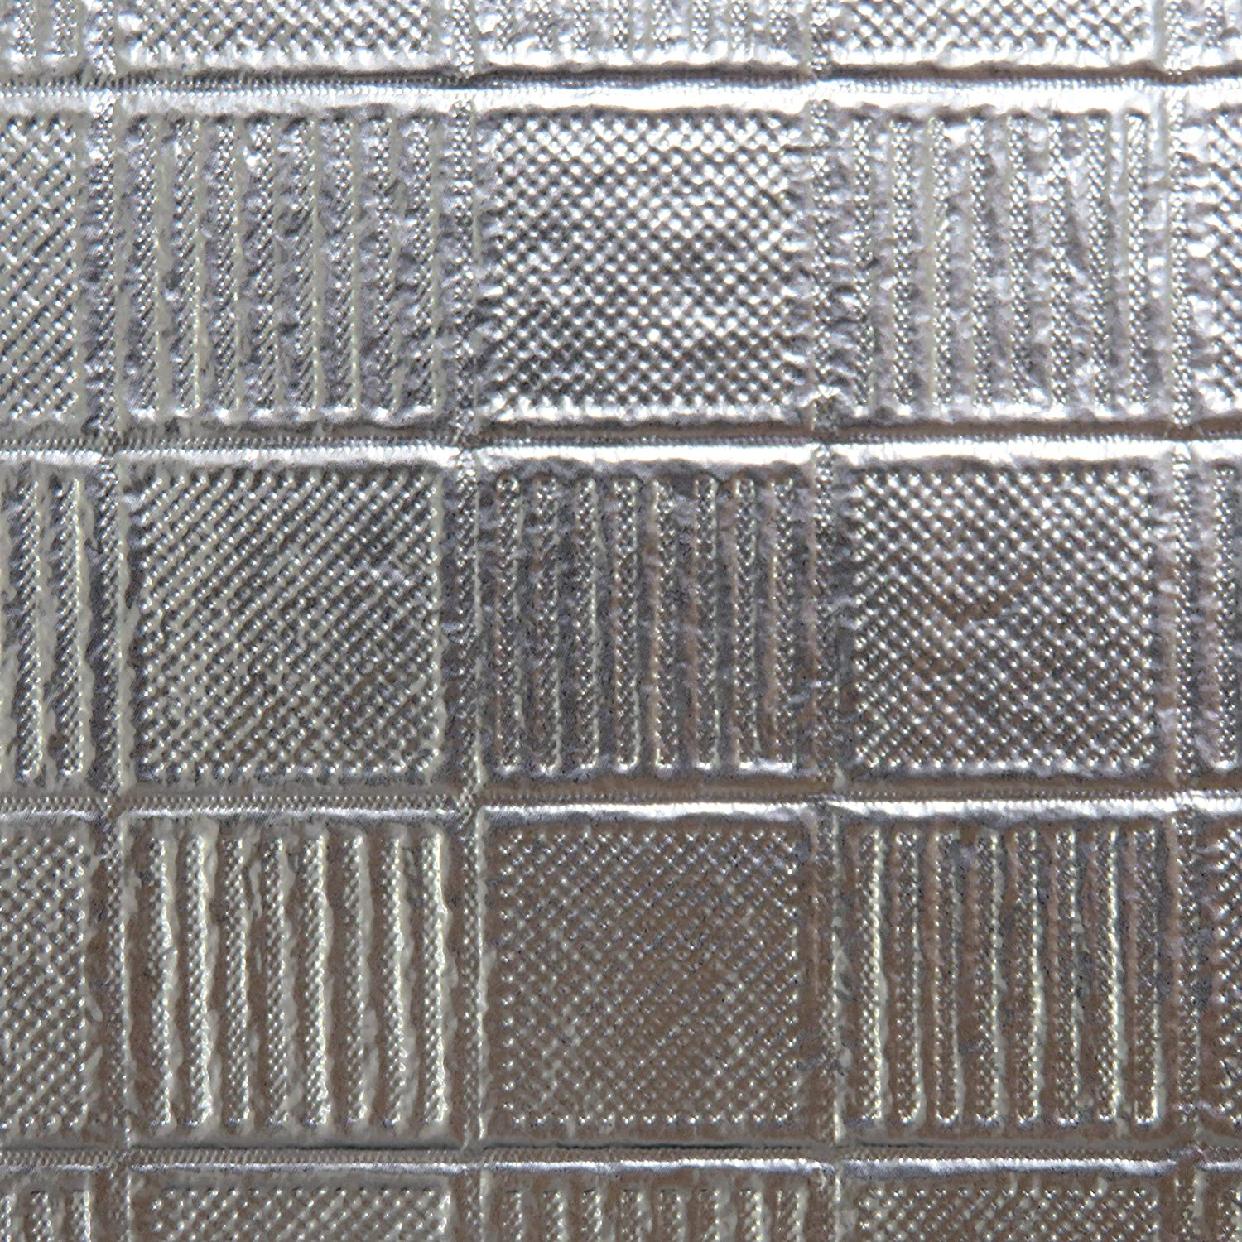 東和産業(TOWA) 1年防虫アルミシート システムキッチン用の商品画像5